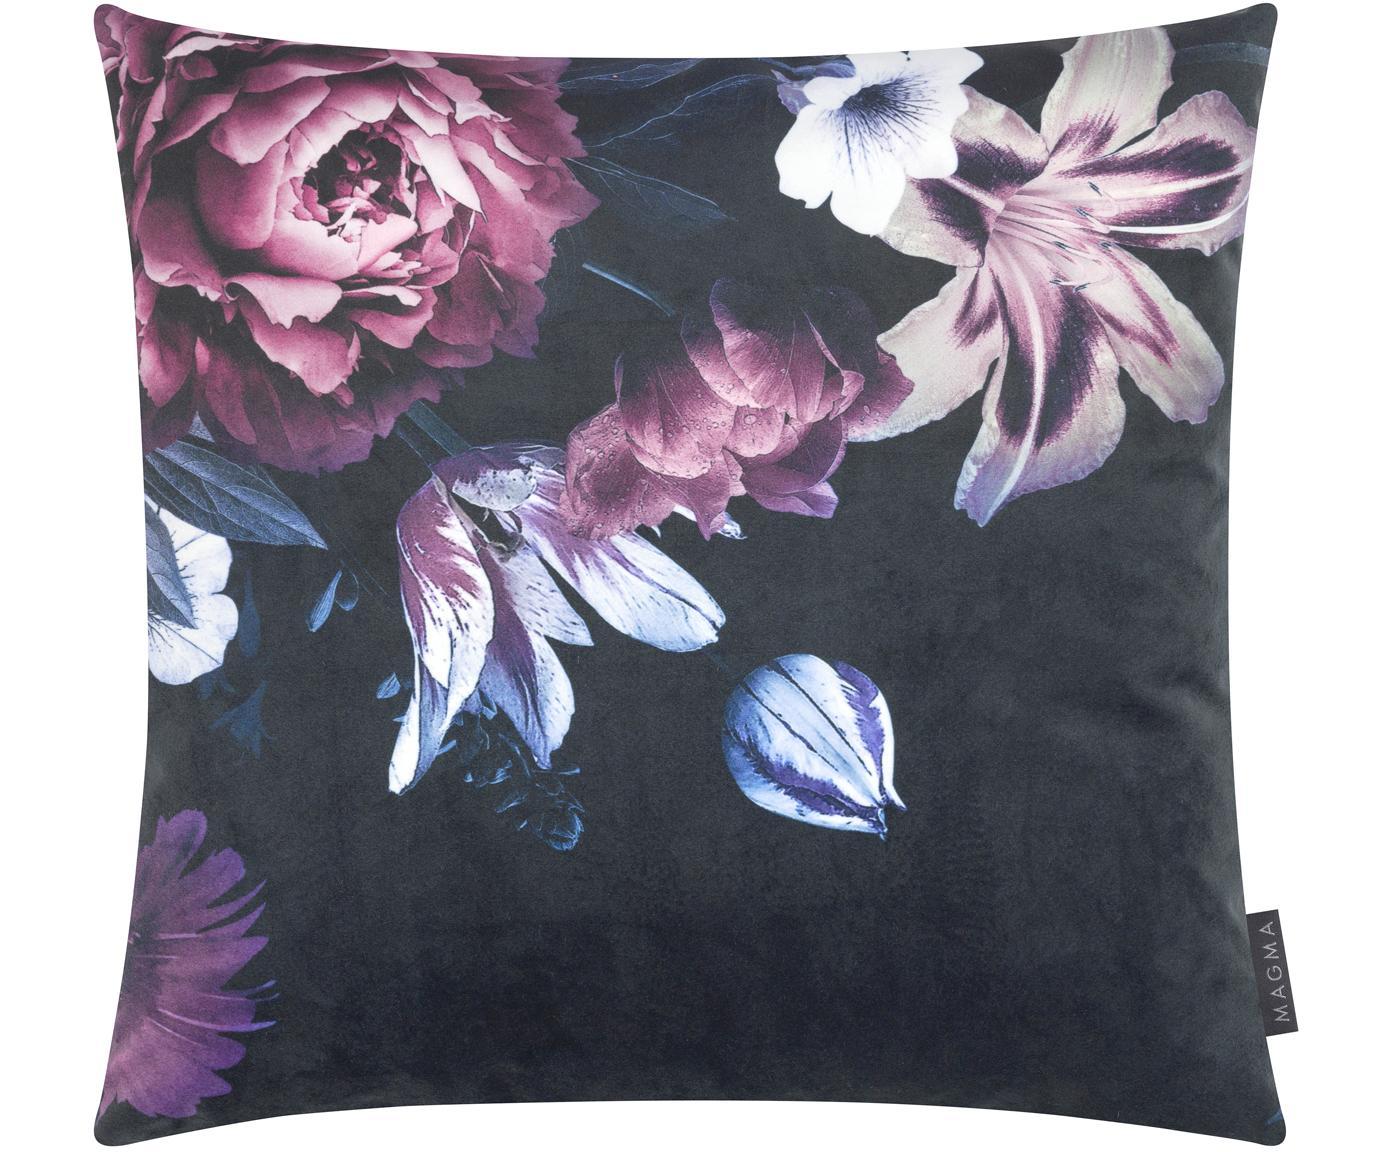 Federa arredo con motivo floreale Beverly, Velluto di poliestere, stampata, Nero, malva, lilla, rosa, Larg. 50 x Lung. 50 cm